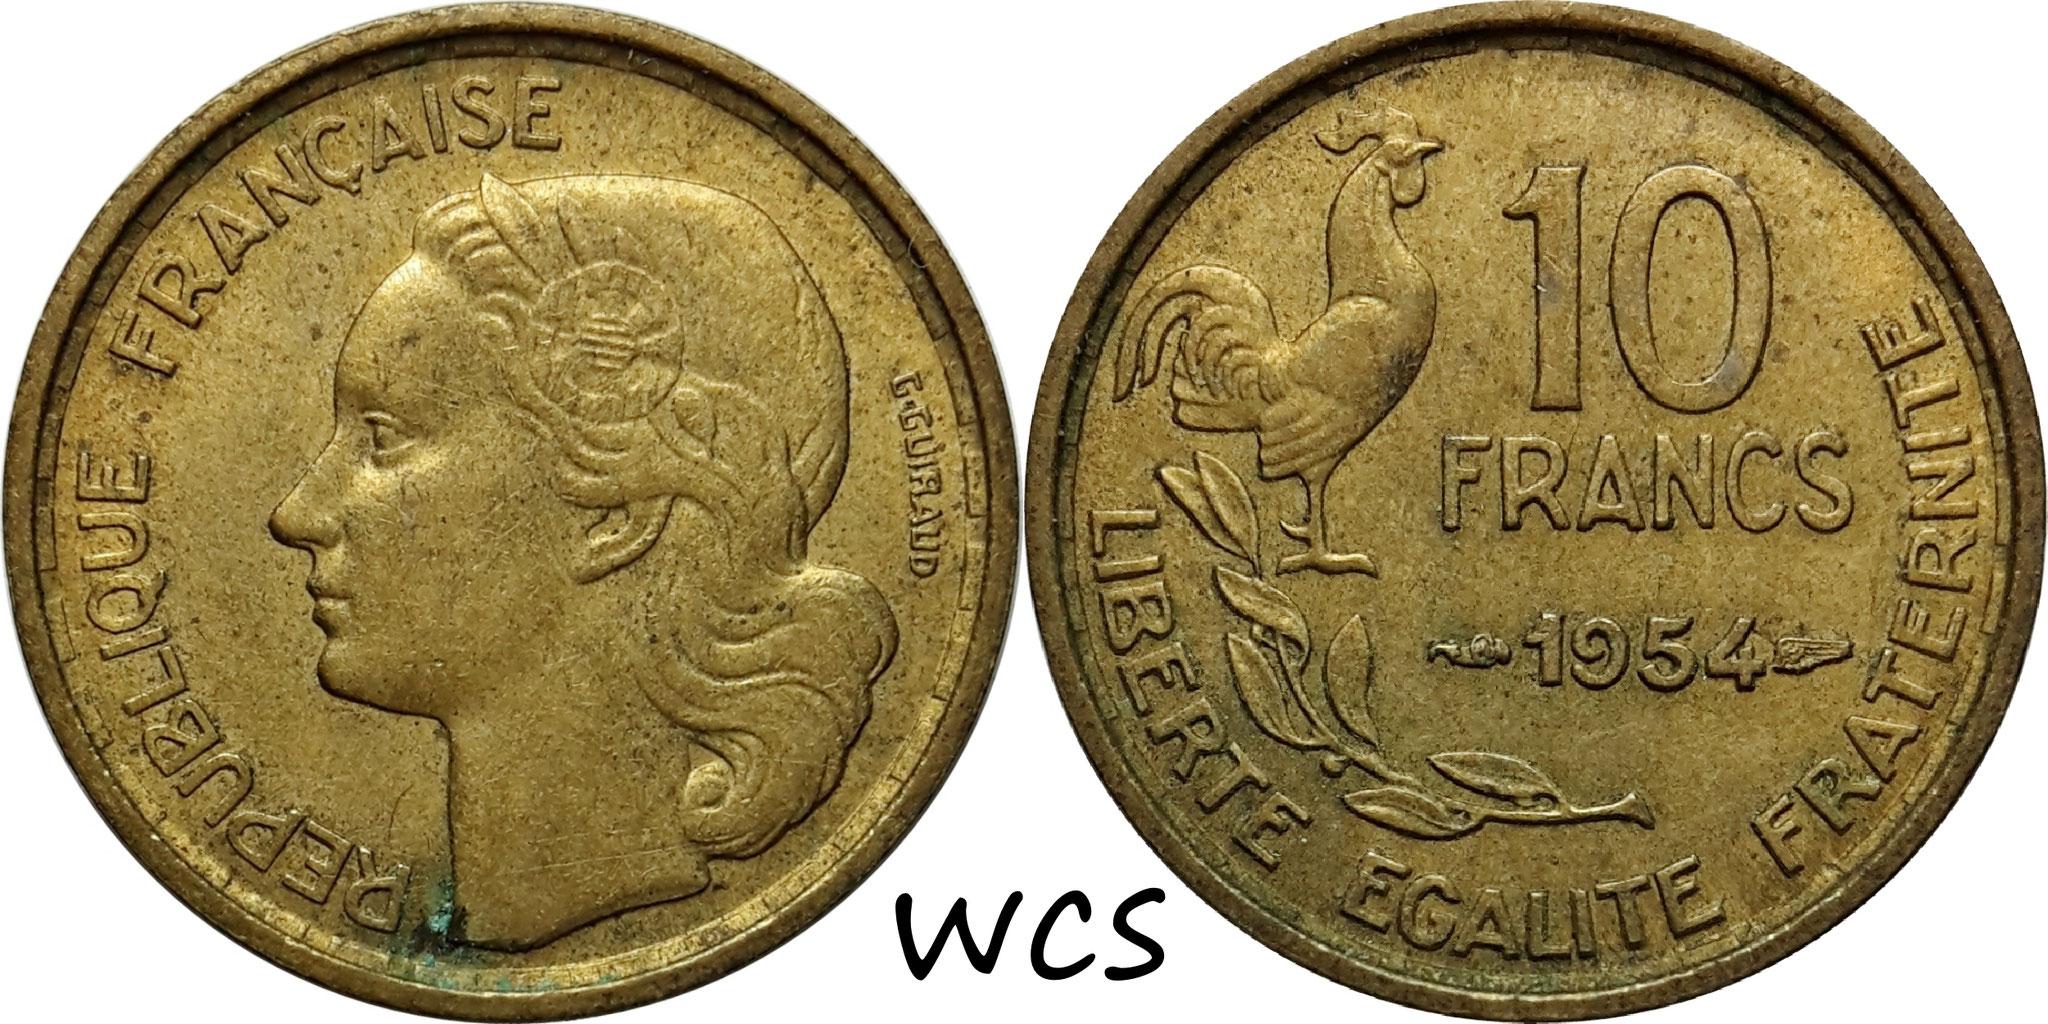 France 10 Francs 1954